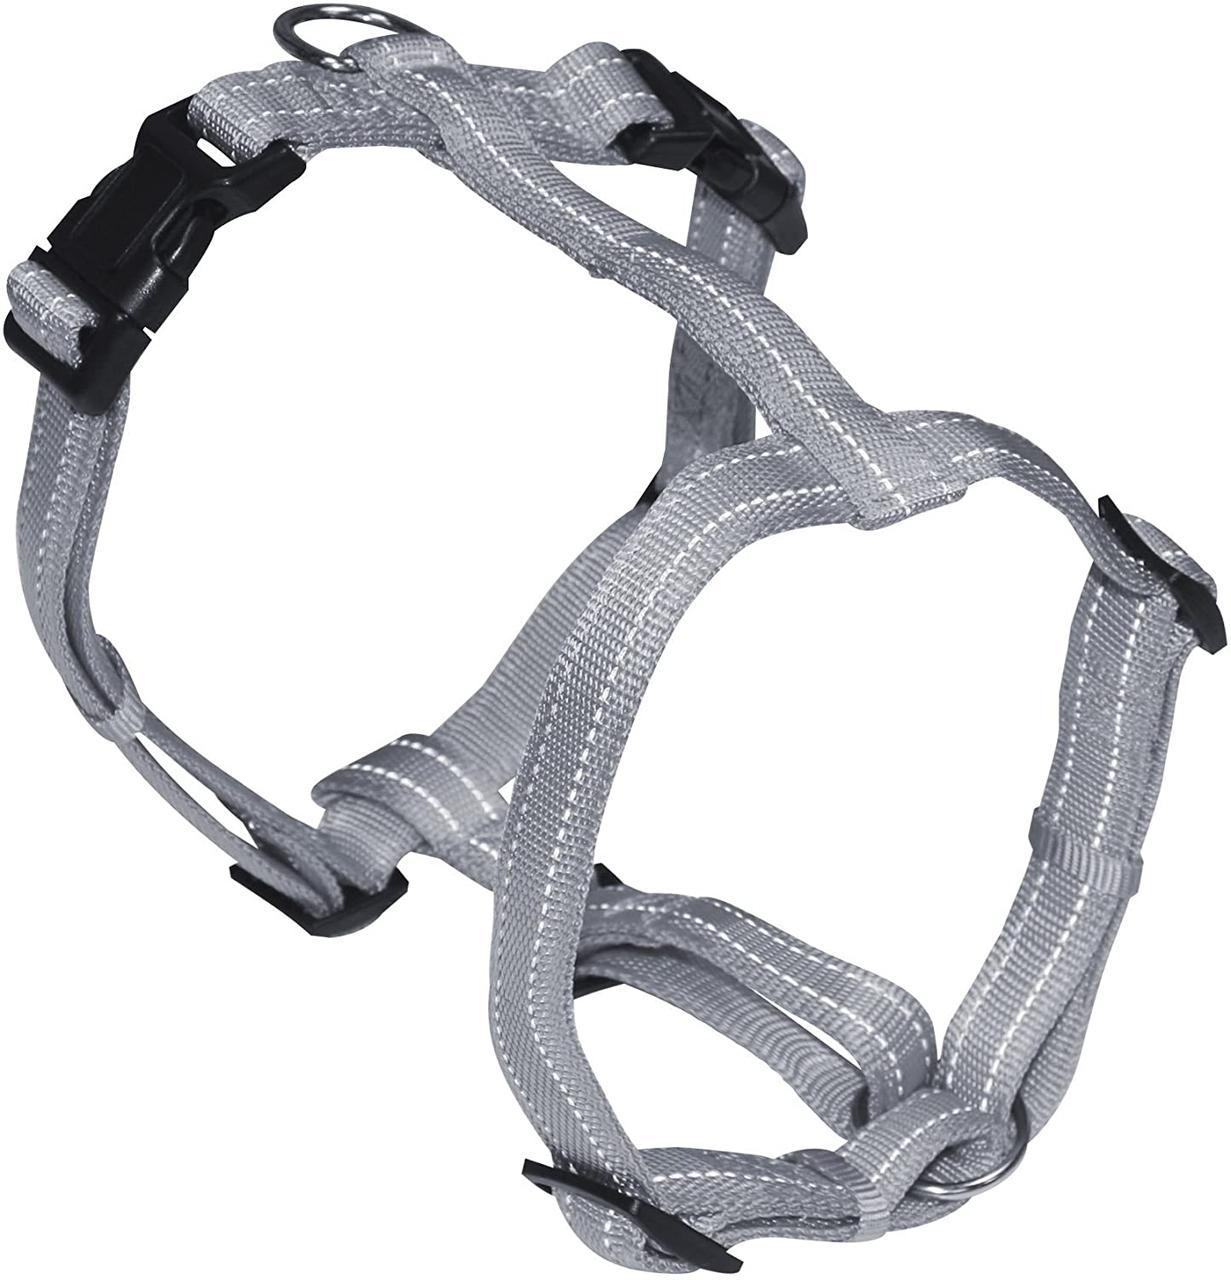 Шлея для собак 65-80 см Croci SOFT REFLECTIVE. Серый нейлон